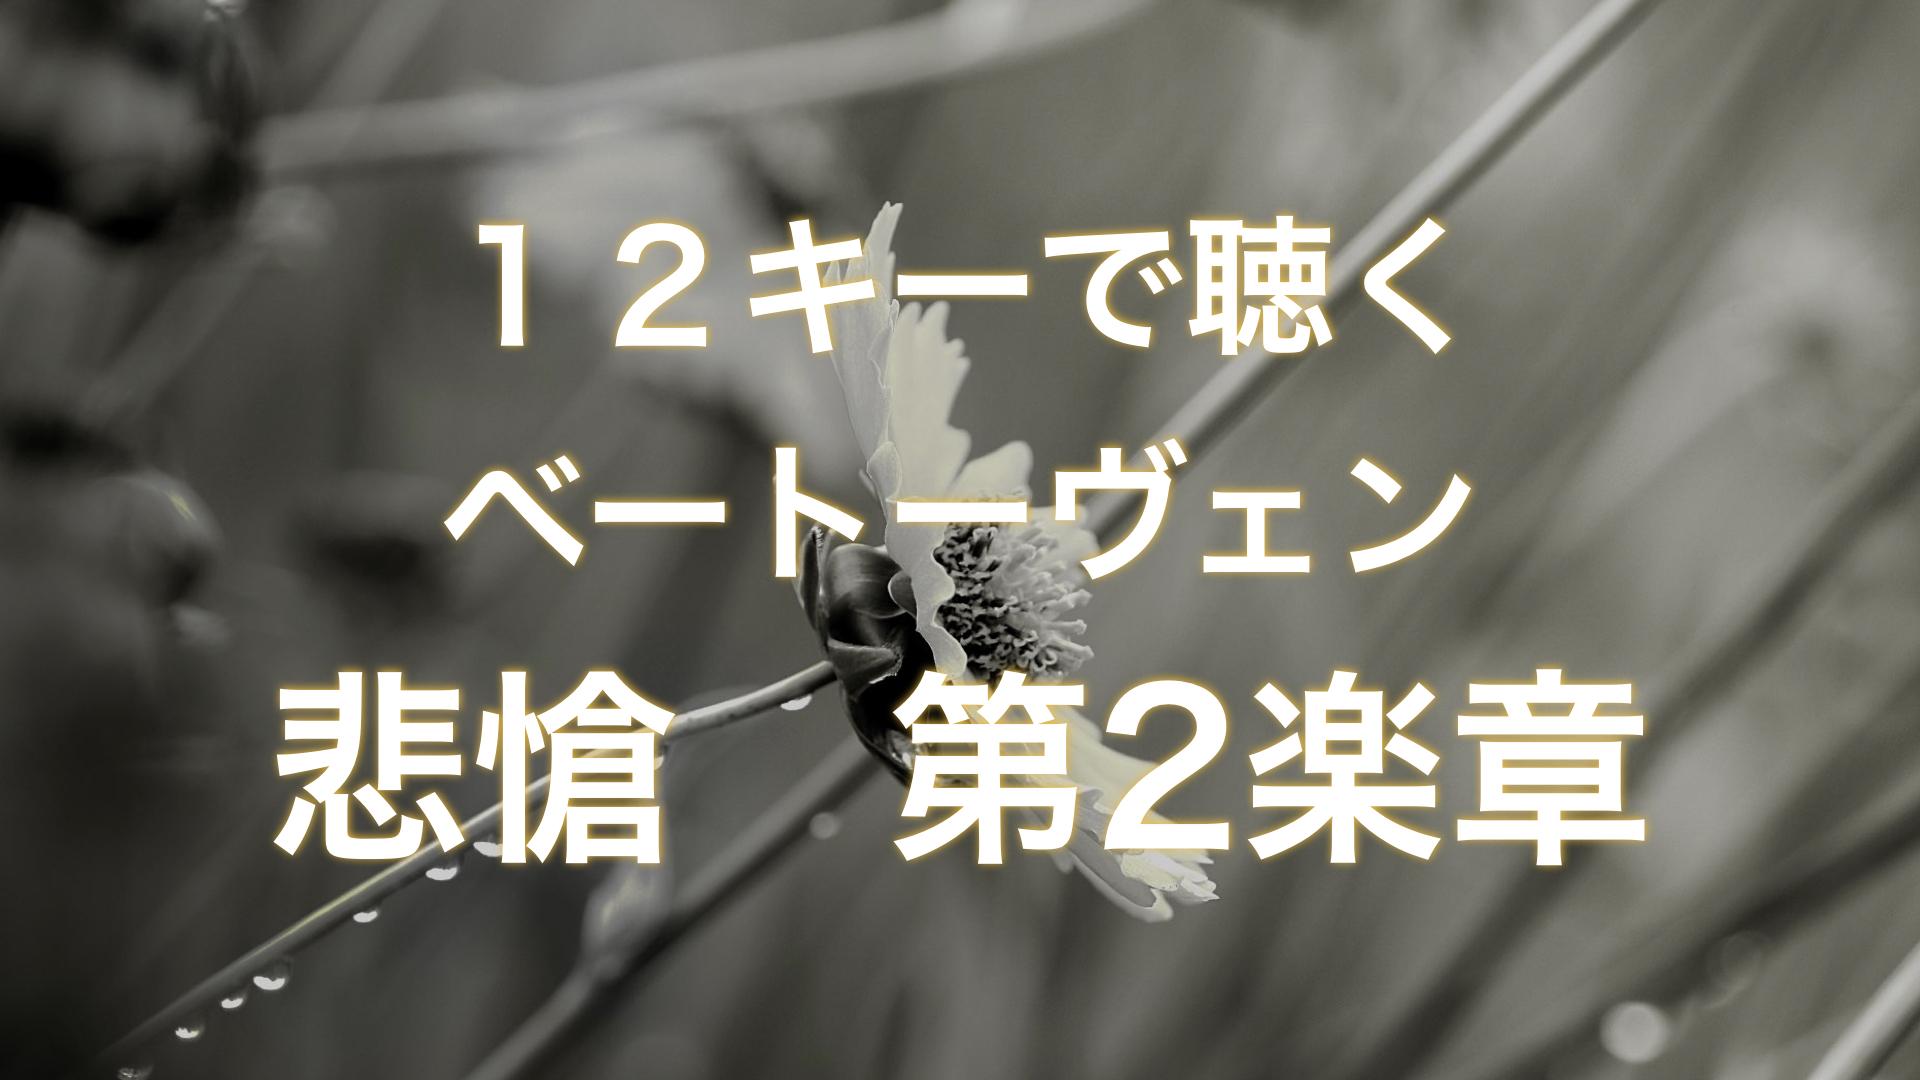 相対音感トレーニング【ベートーヴェン 悲愴第2楽章】